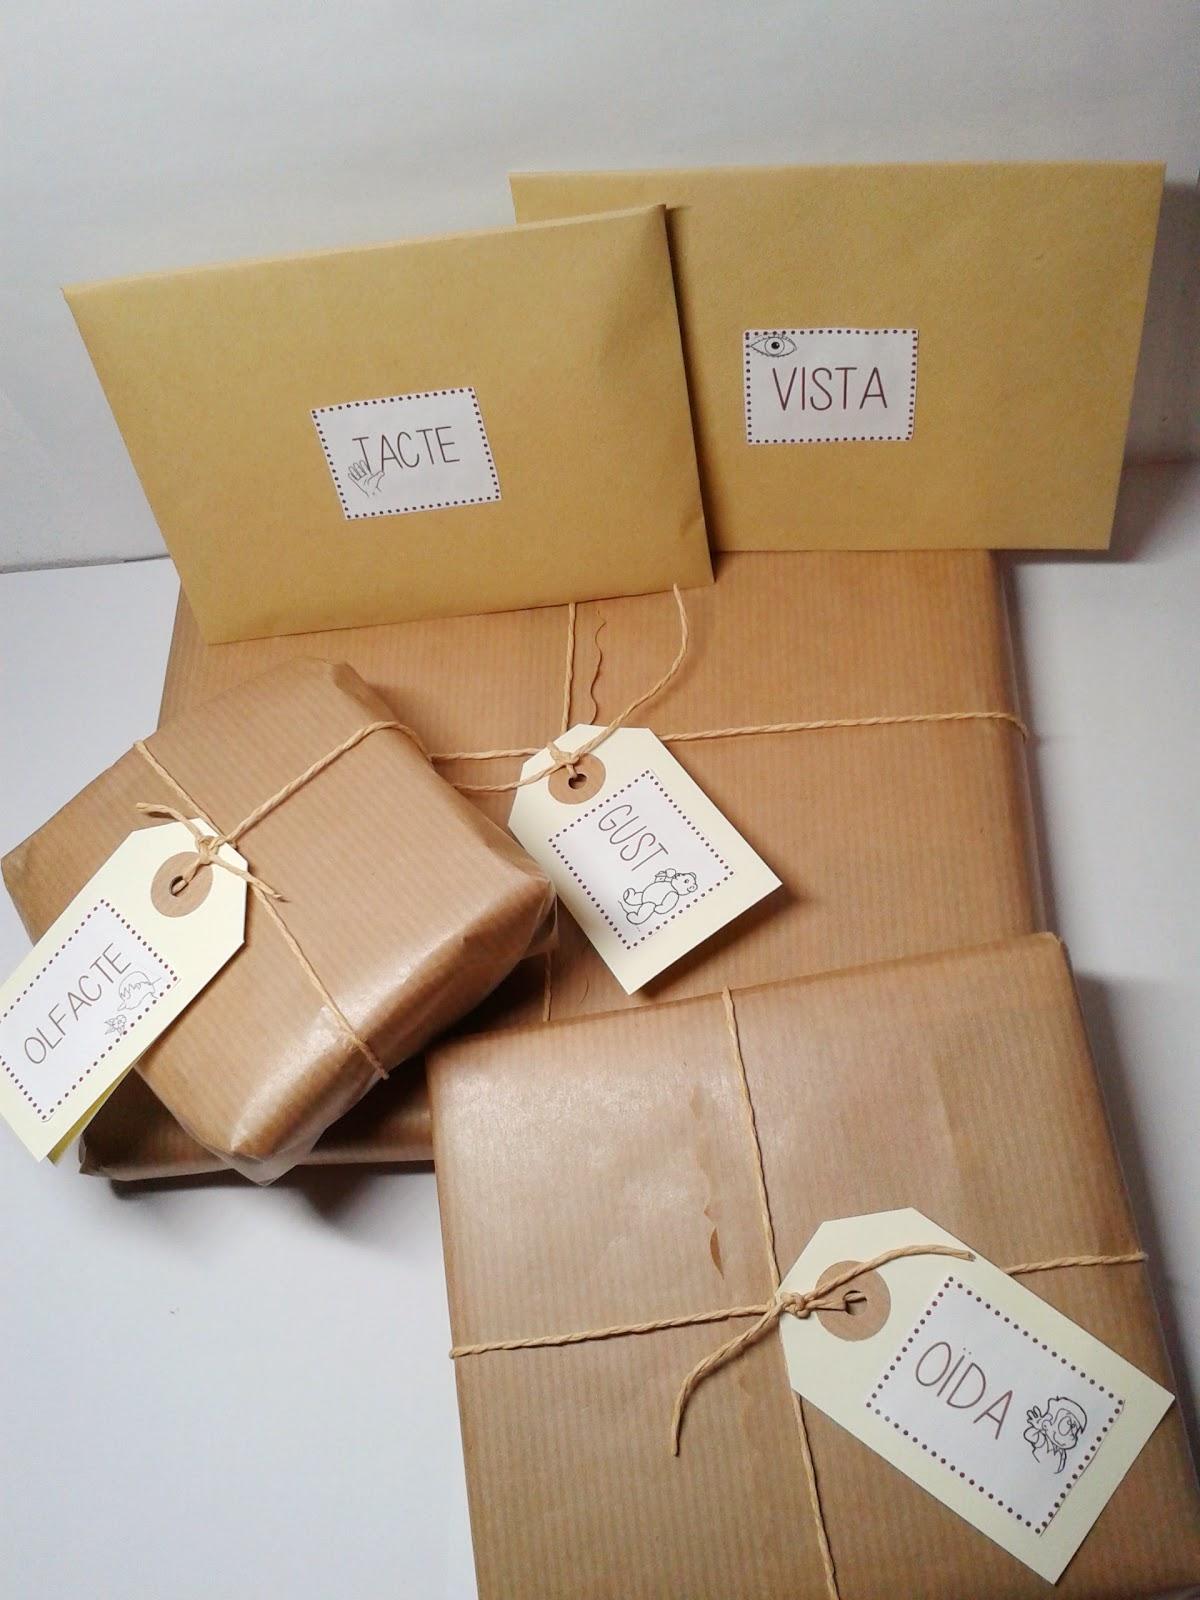 Recetas f ciles dulces y sabrosas empaquetado de regalos - Empaquetado de regalos ...